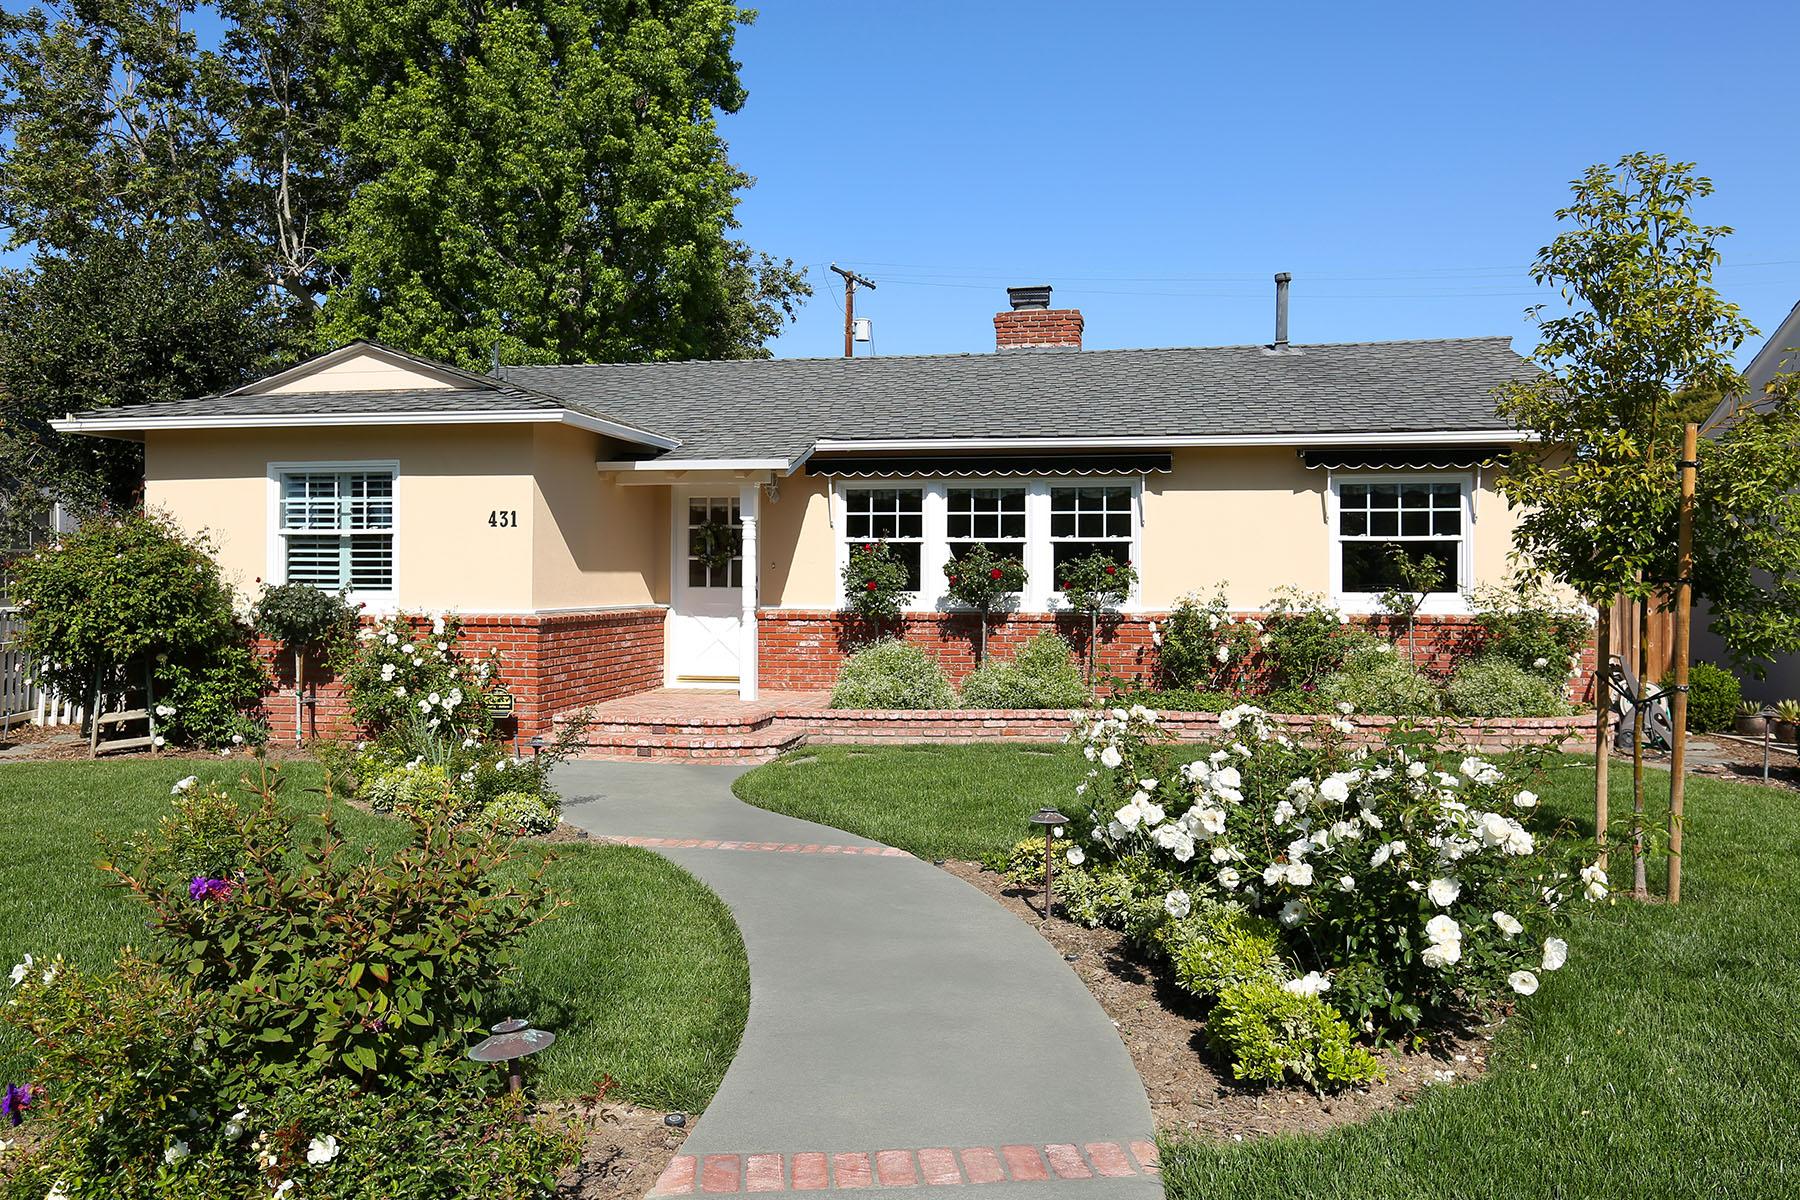 Casa Unifamiliar por un Venta en 431 Irvine Ave Newport Beach, California 92663 Estados Unidos